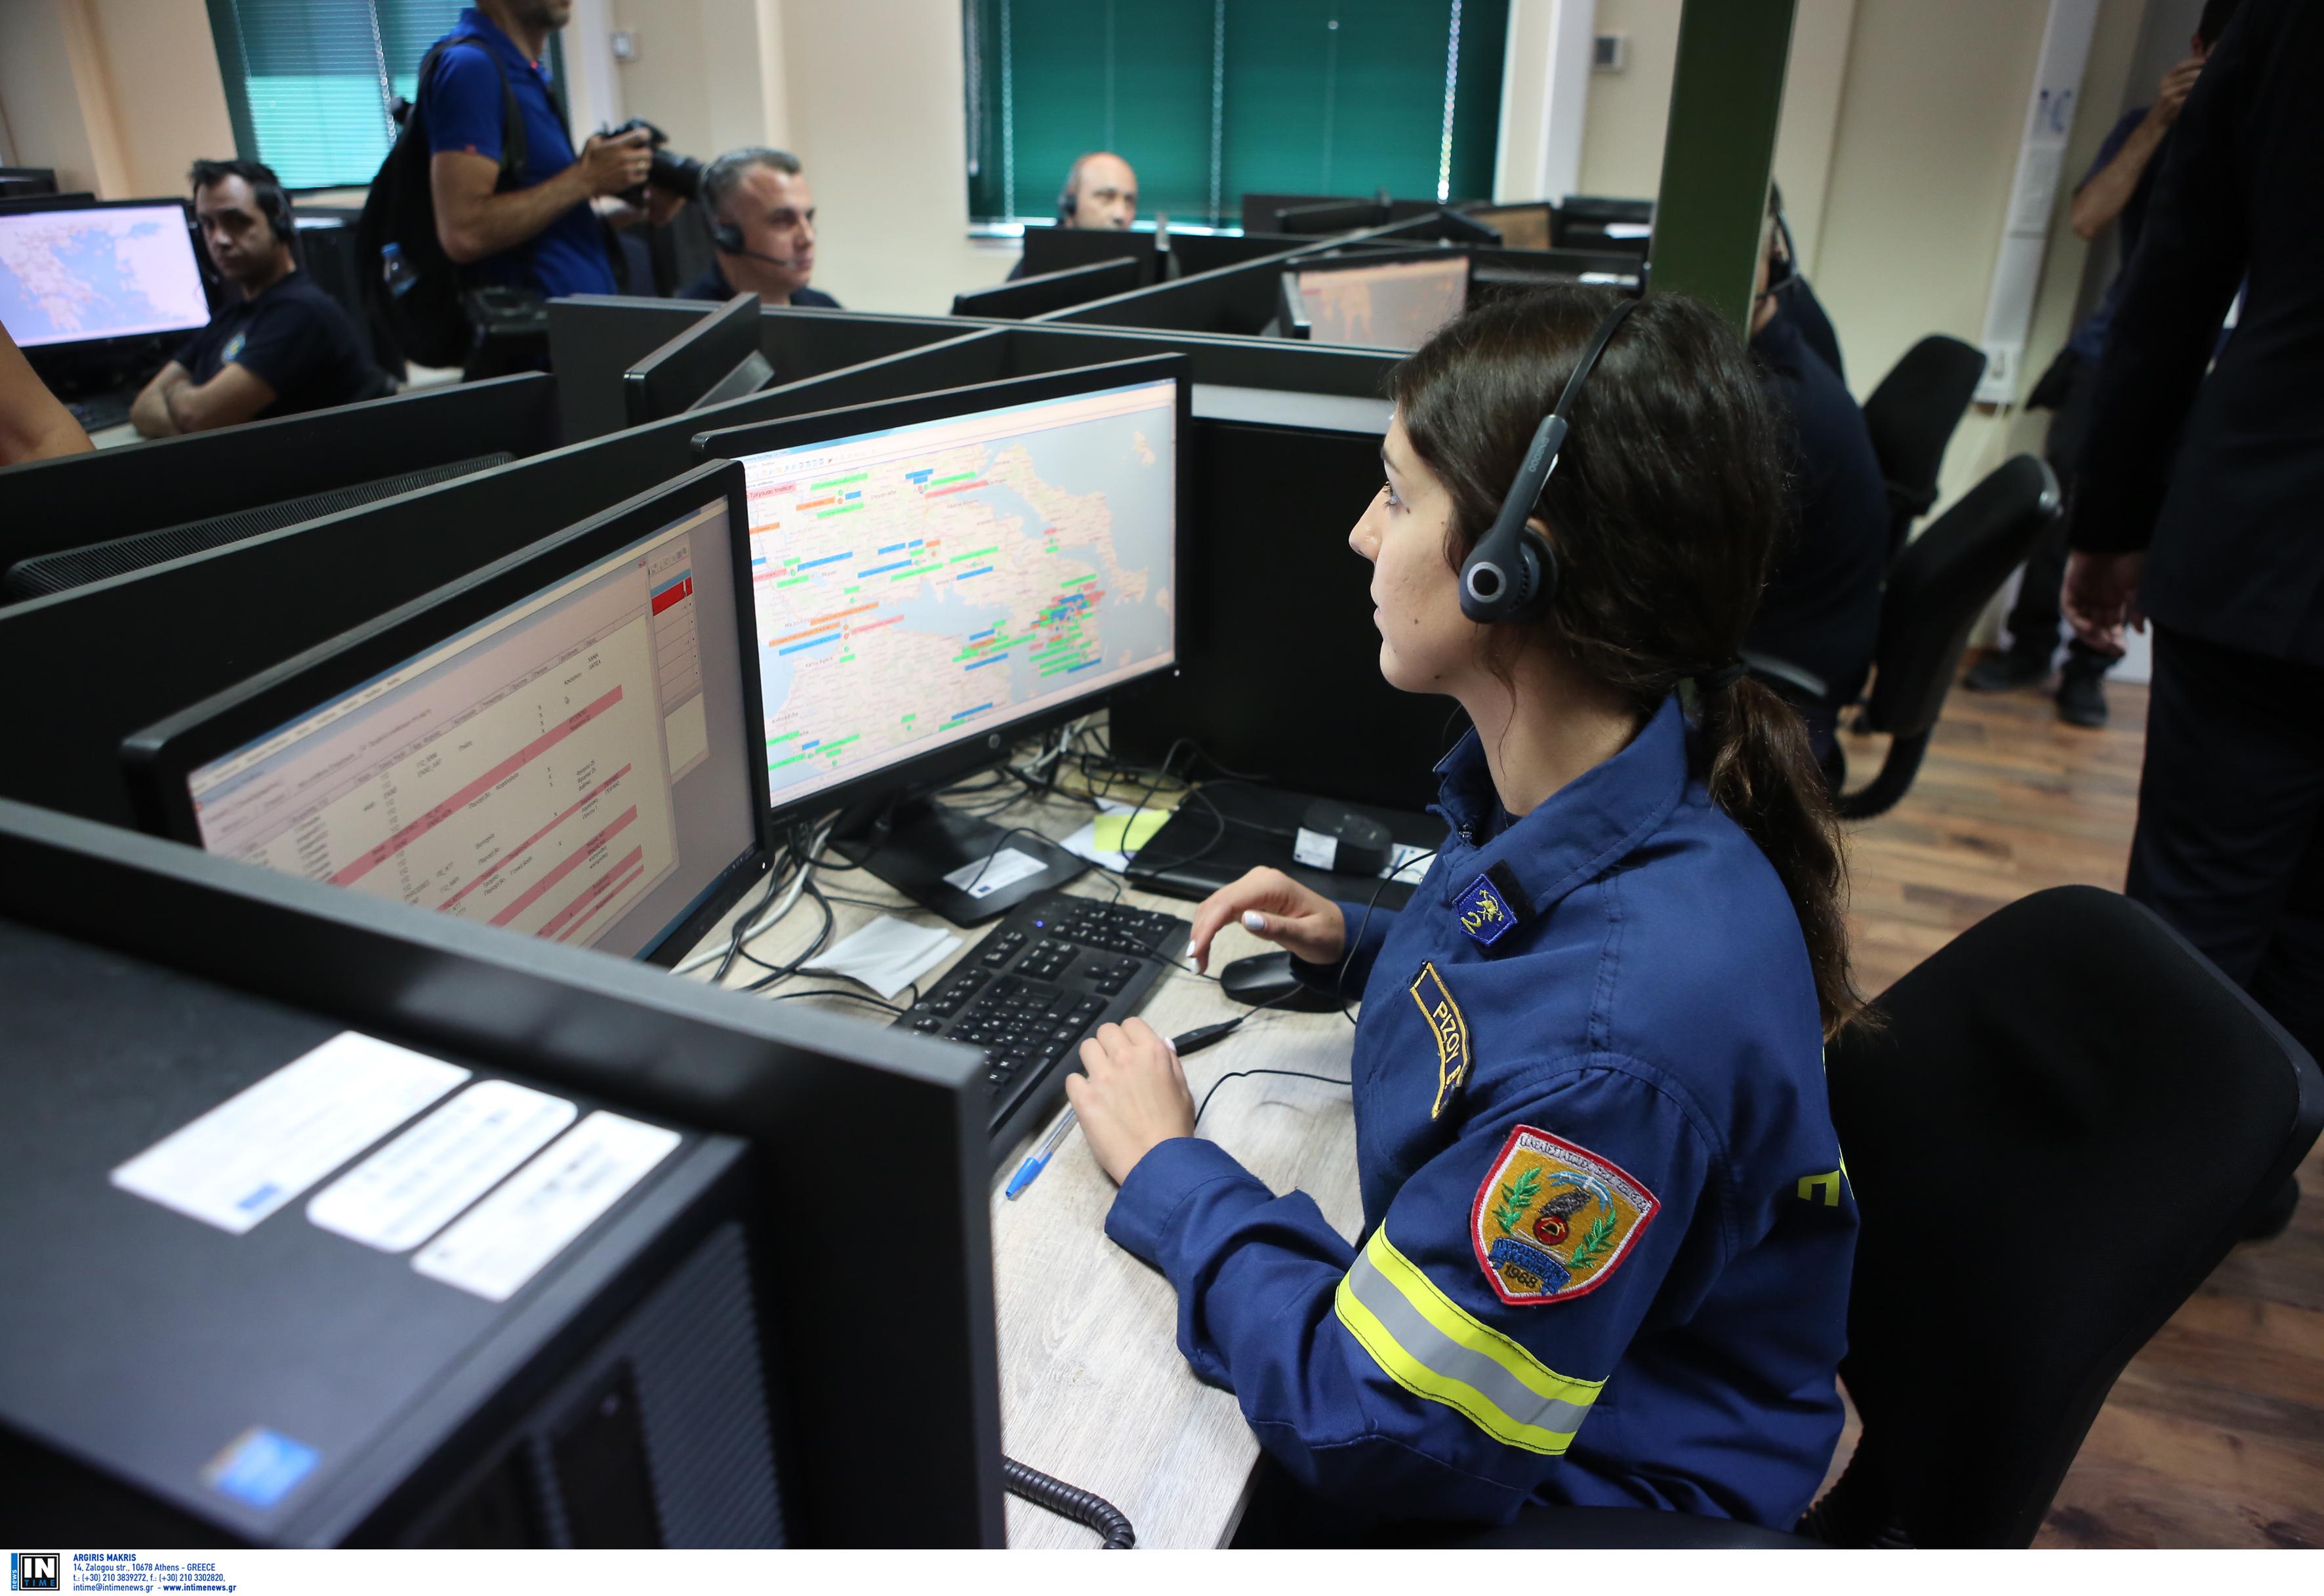 Μπήκε σε εφαρμογή και στην Ελλάδα η λειτουργία του 112 - Αυτό είναι το μήνυμα που λαμβάνουν οι πολίτες